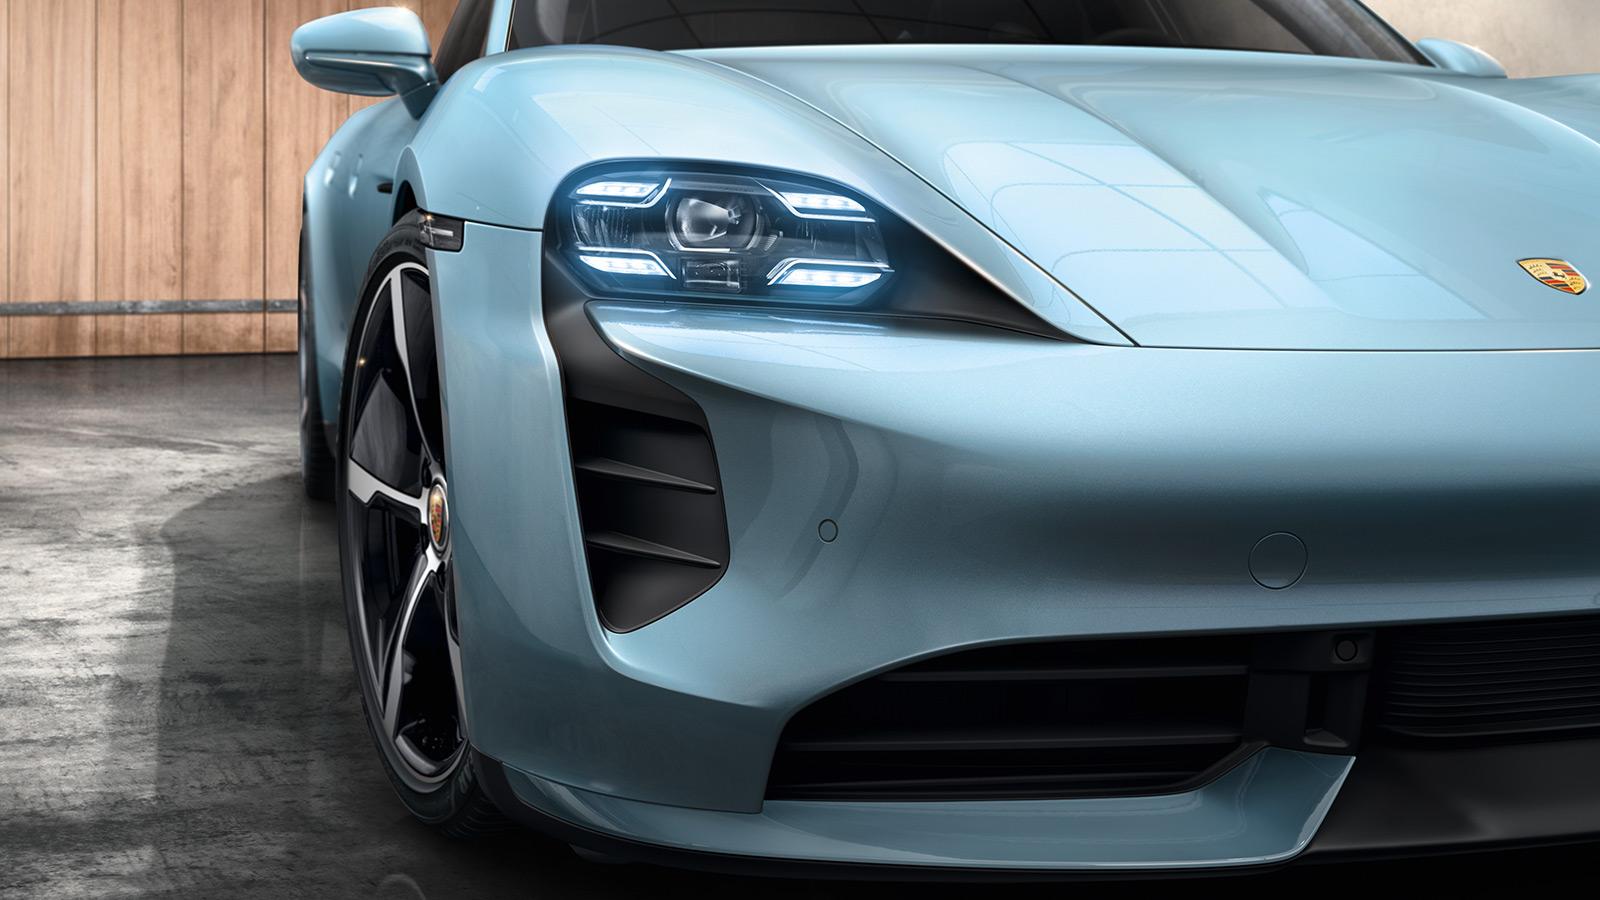 Porsche - Main headlights & taillights